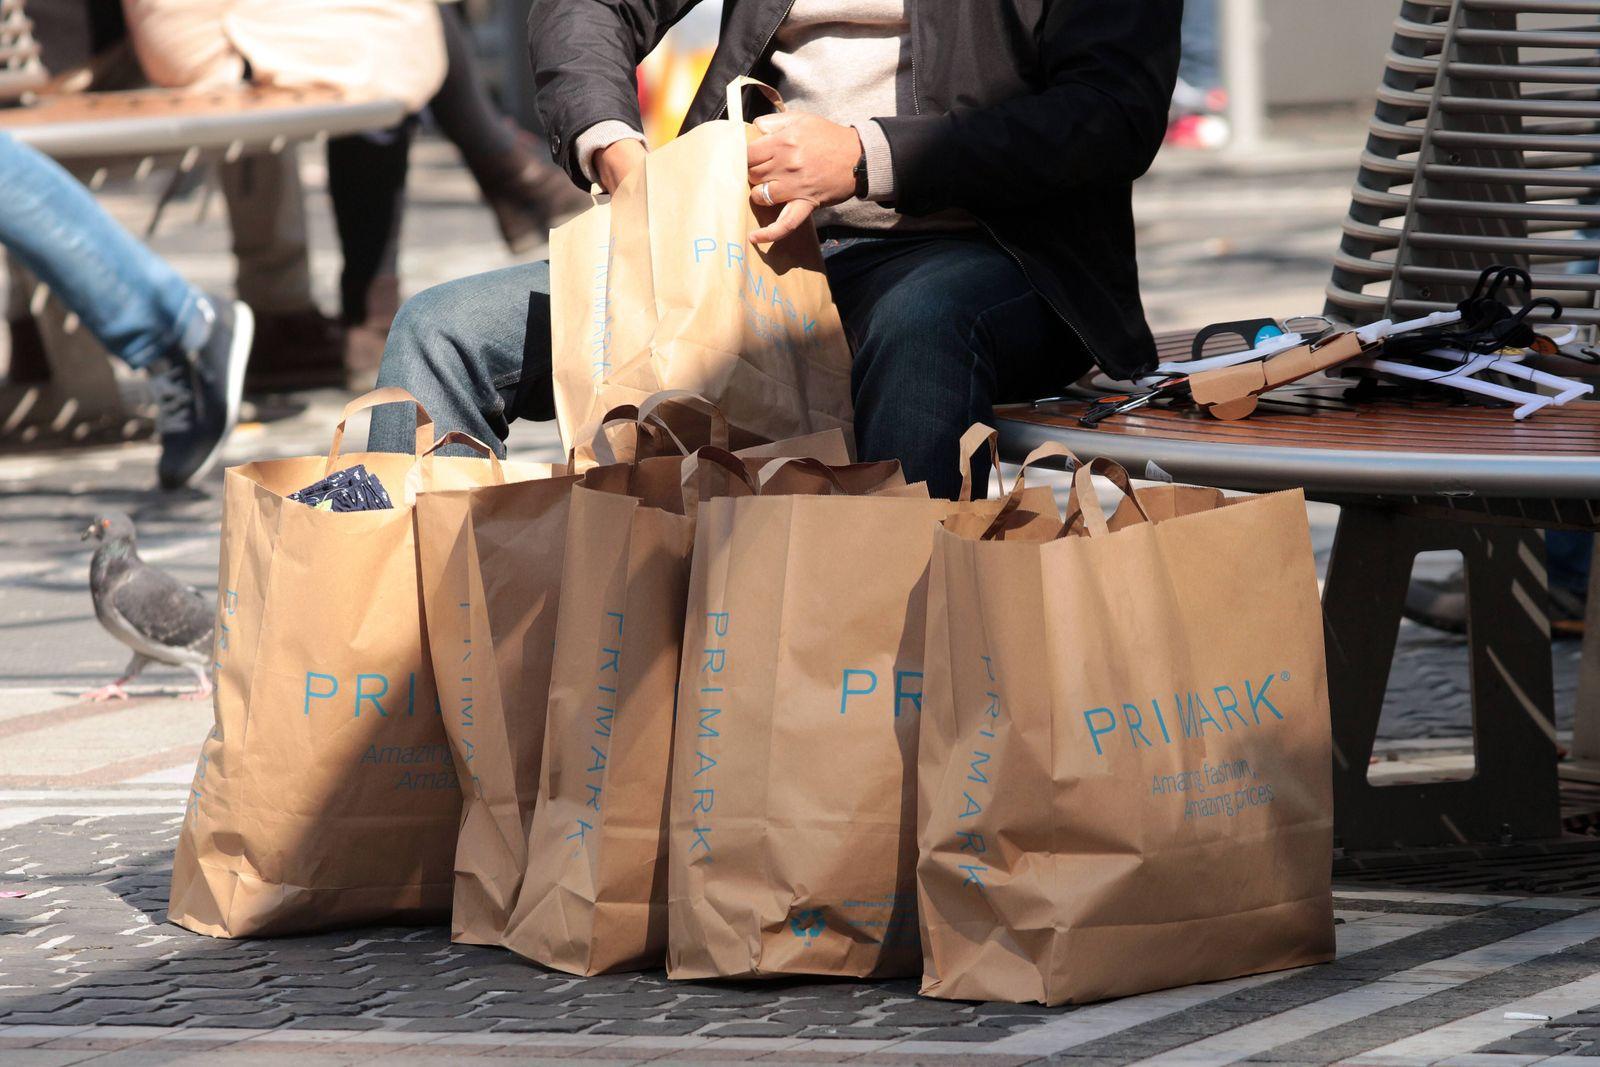 Mann sortiert seinen Großeinkauf in den vielen Einkaufstüten bei Primark in Frankfurt, Hessen, Deutschland